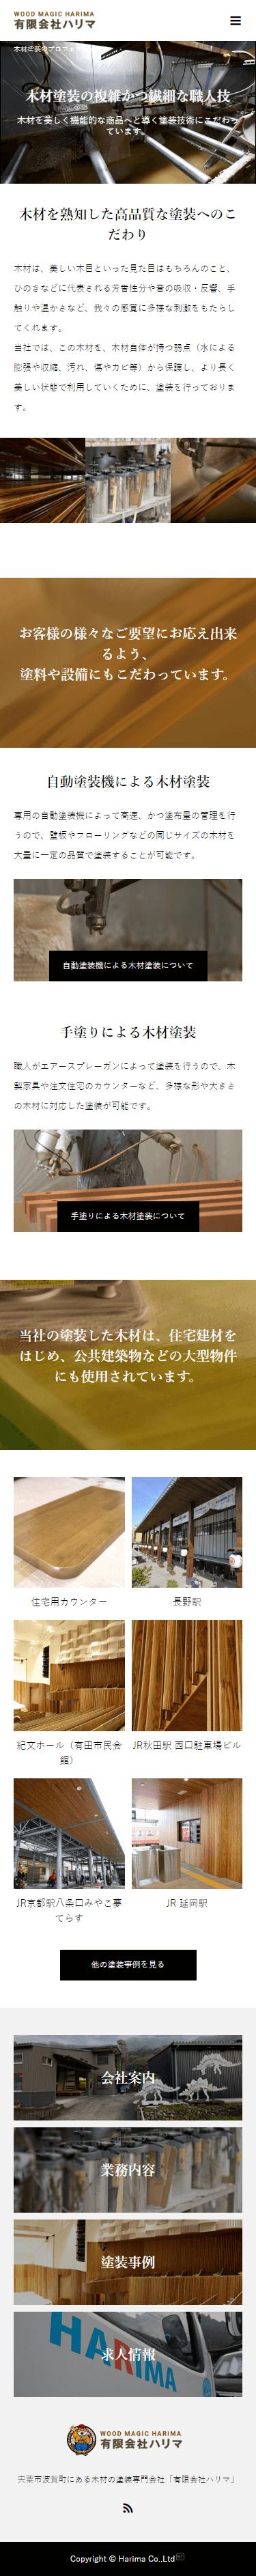 宍粟市 有限会社ハリマ ホームページ制作3